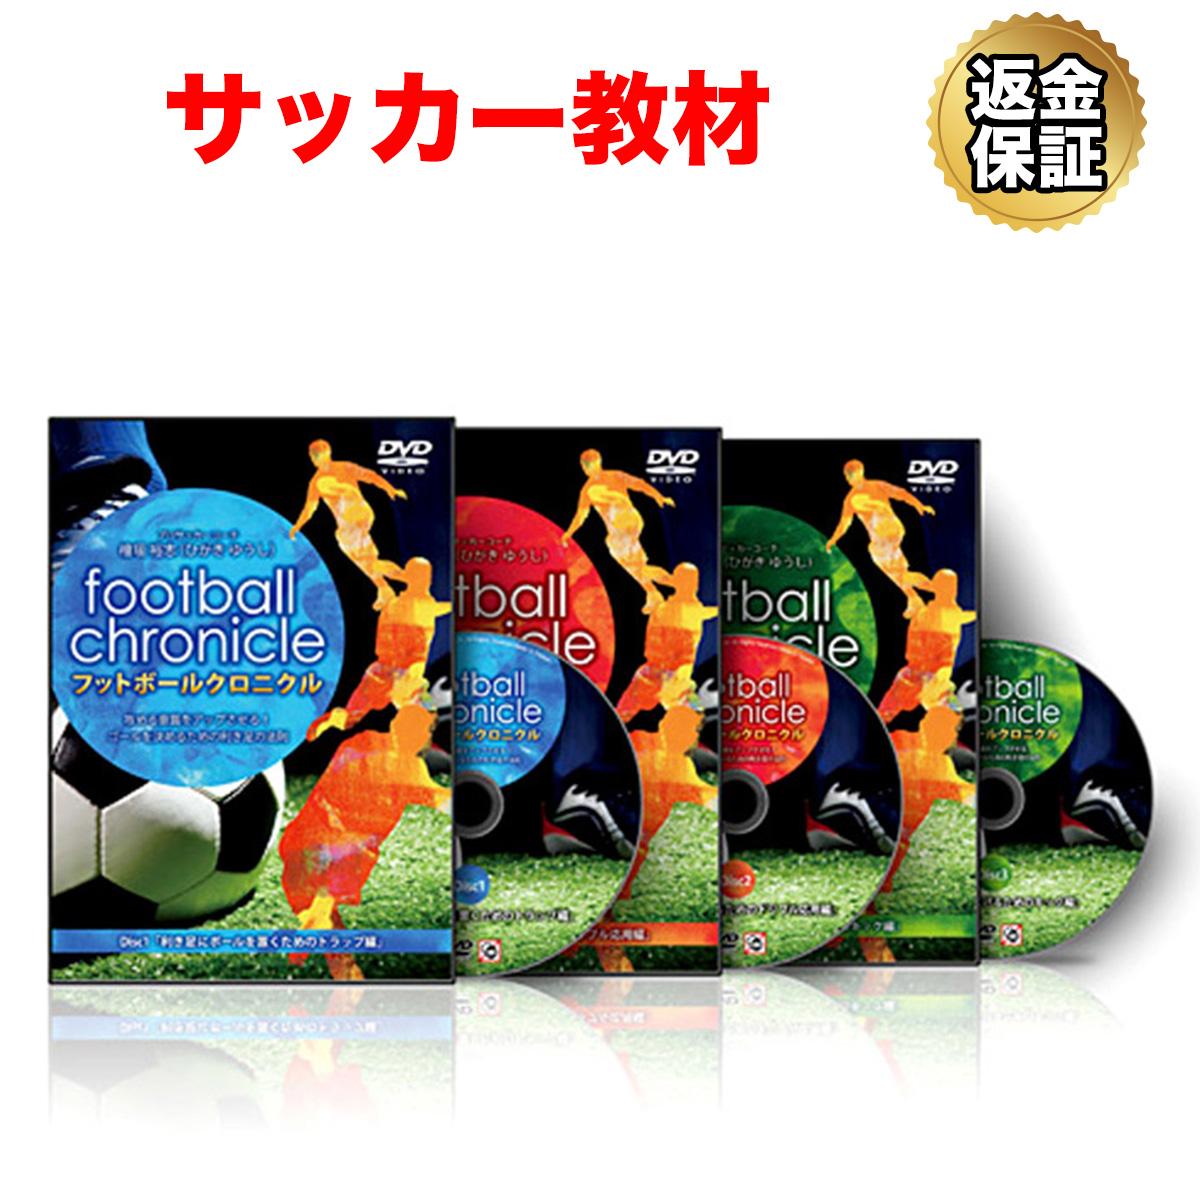 【サッカー】フットボールクロニクル ~攻める意識をアップさせる!ゴールを決めるための利き足の法則~ フルセット